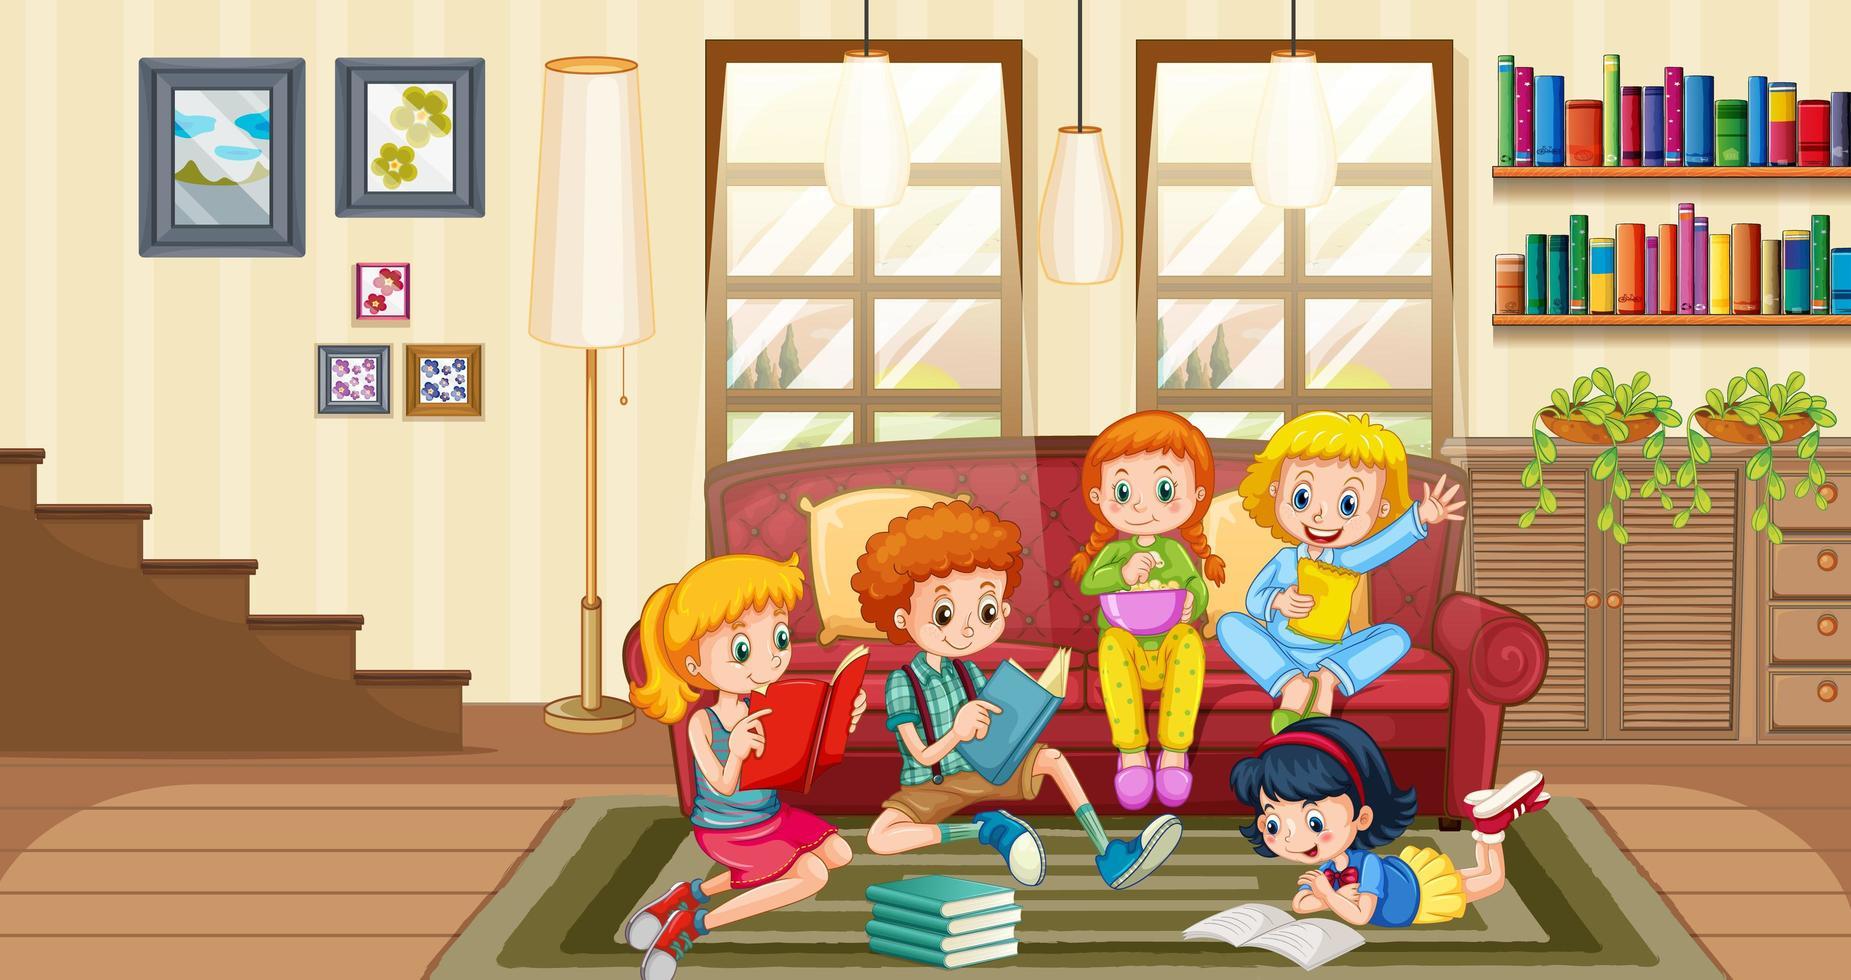 los niños disfrutan leyendo libros en casa vector